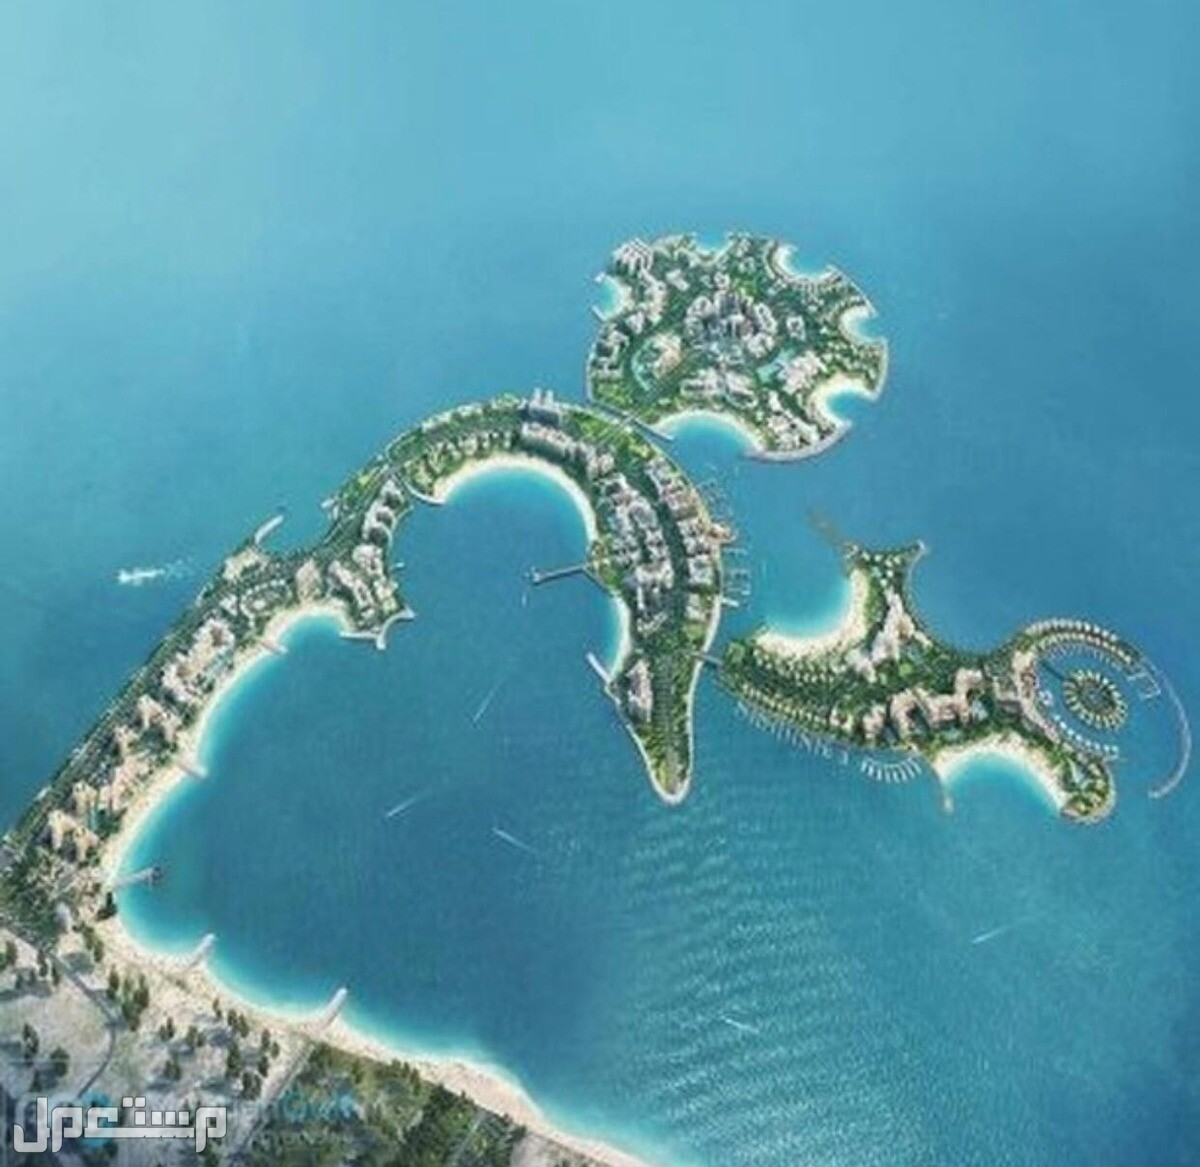 منتجع المهرة يضمن لك عوائد استثمارية مضمونة بالاستثمار الفندقي الجزيرة بعد انتهاء كافة المشاريع